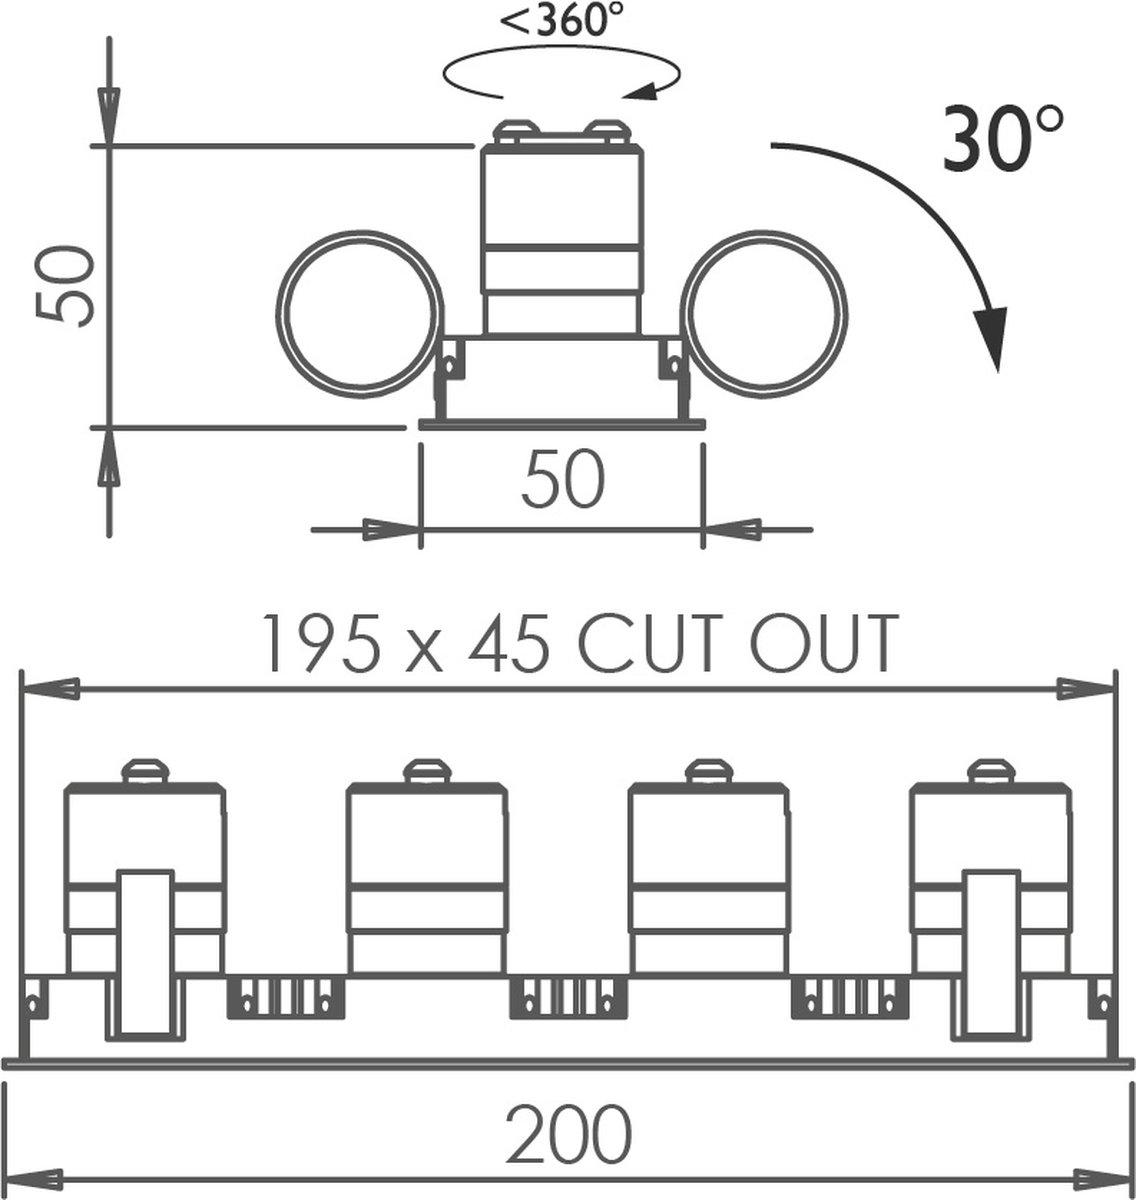 Square Quad Trim 30 Downlight technical image